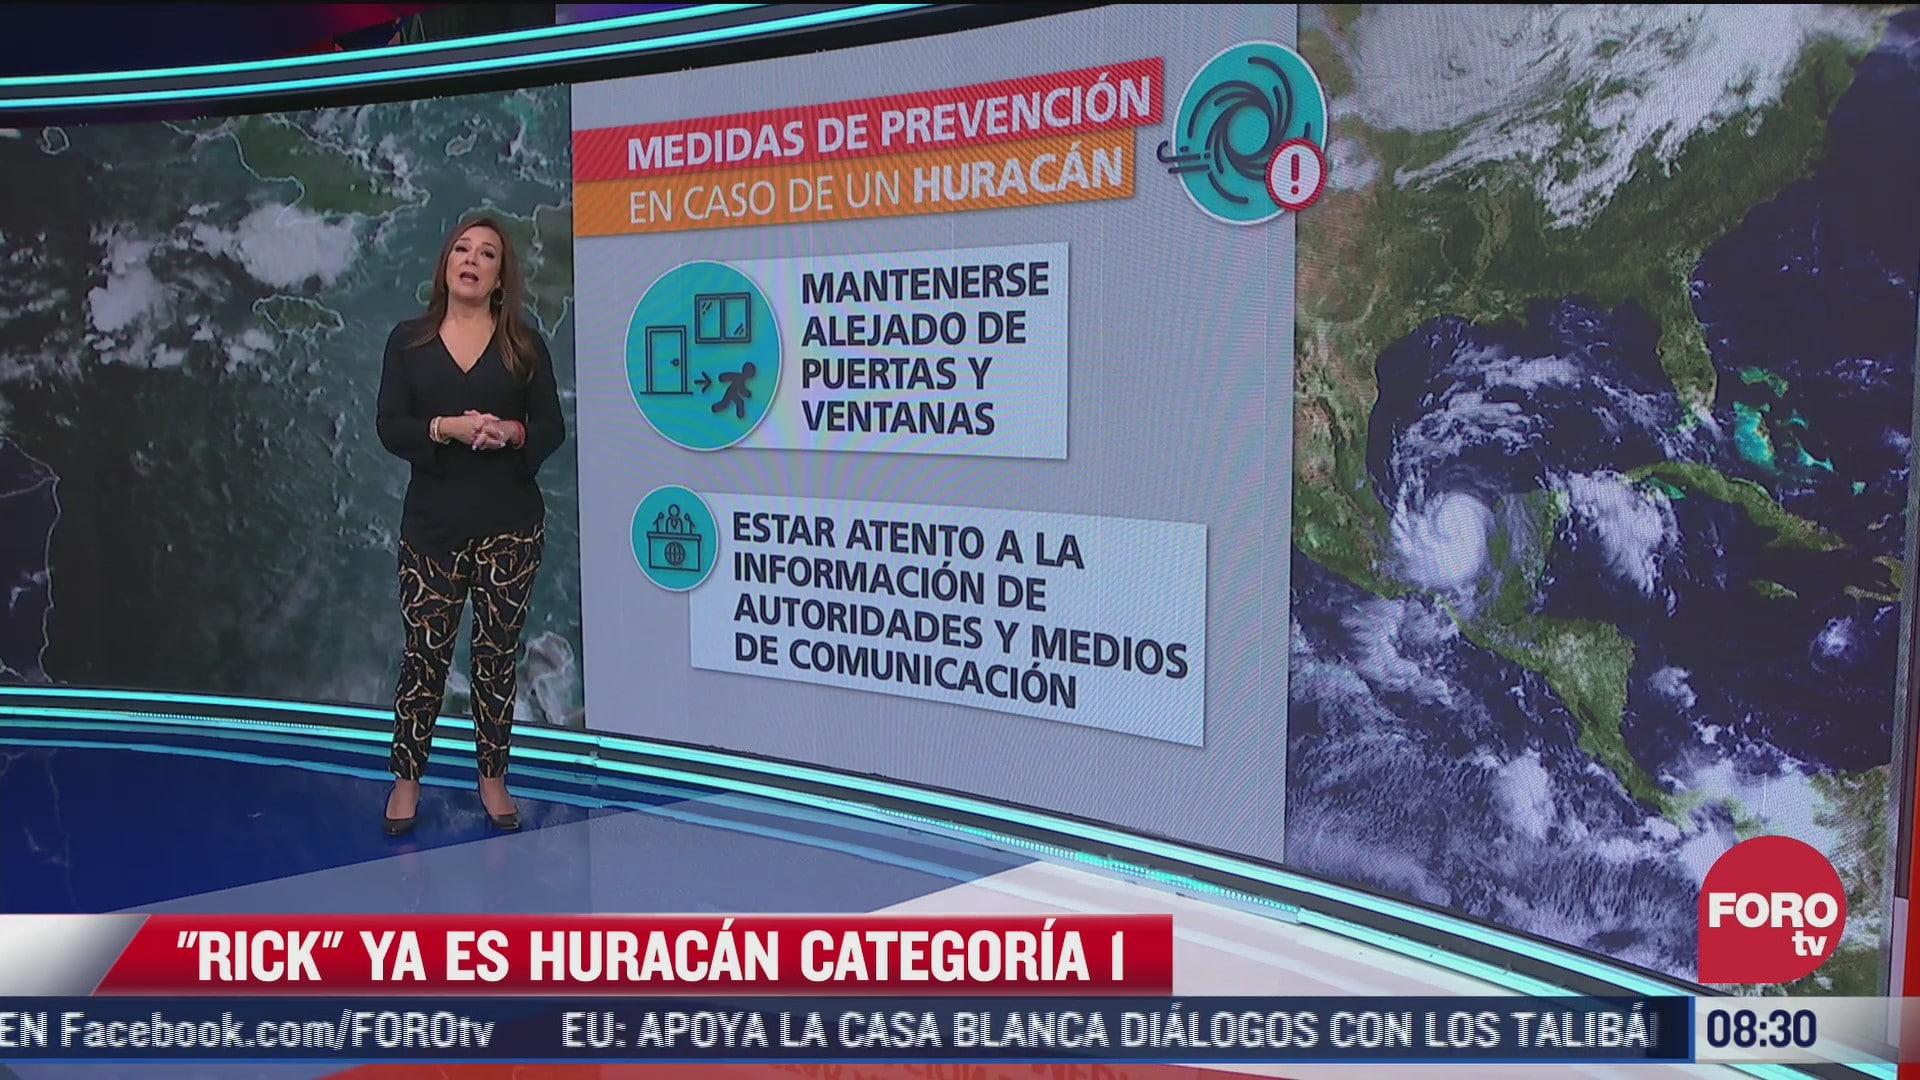 rick se convierte en huracan de categoria